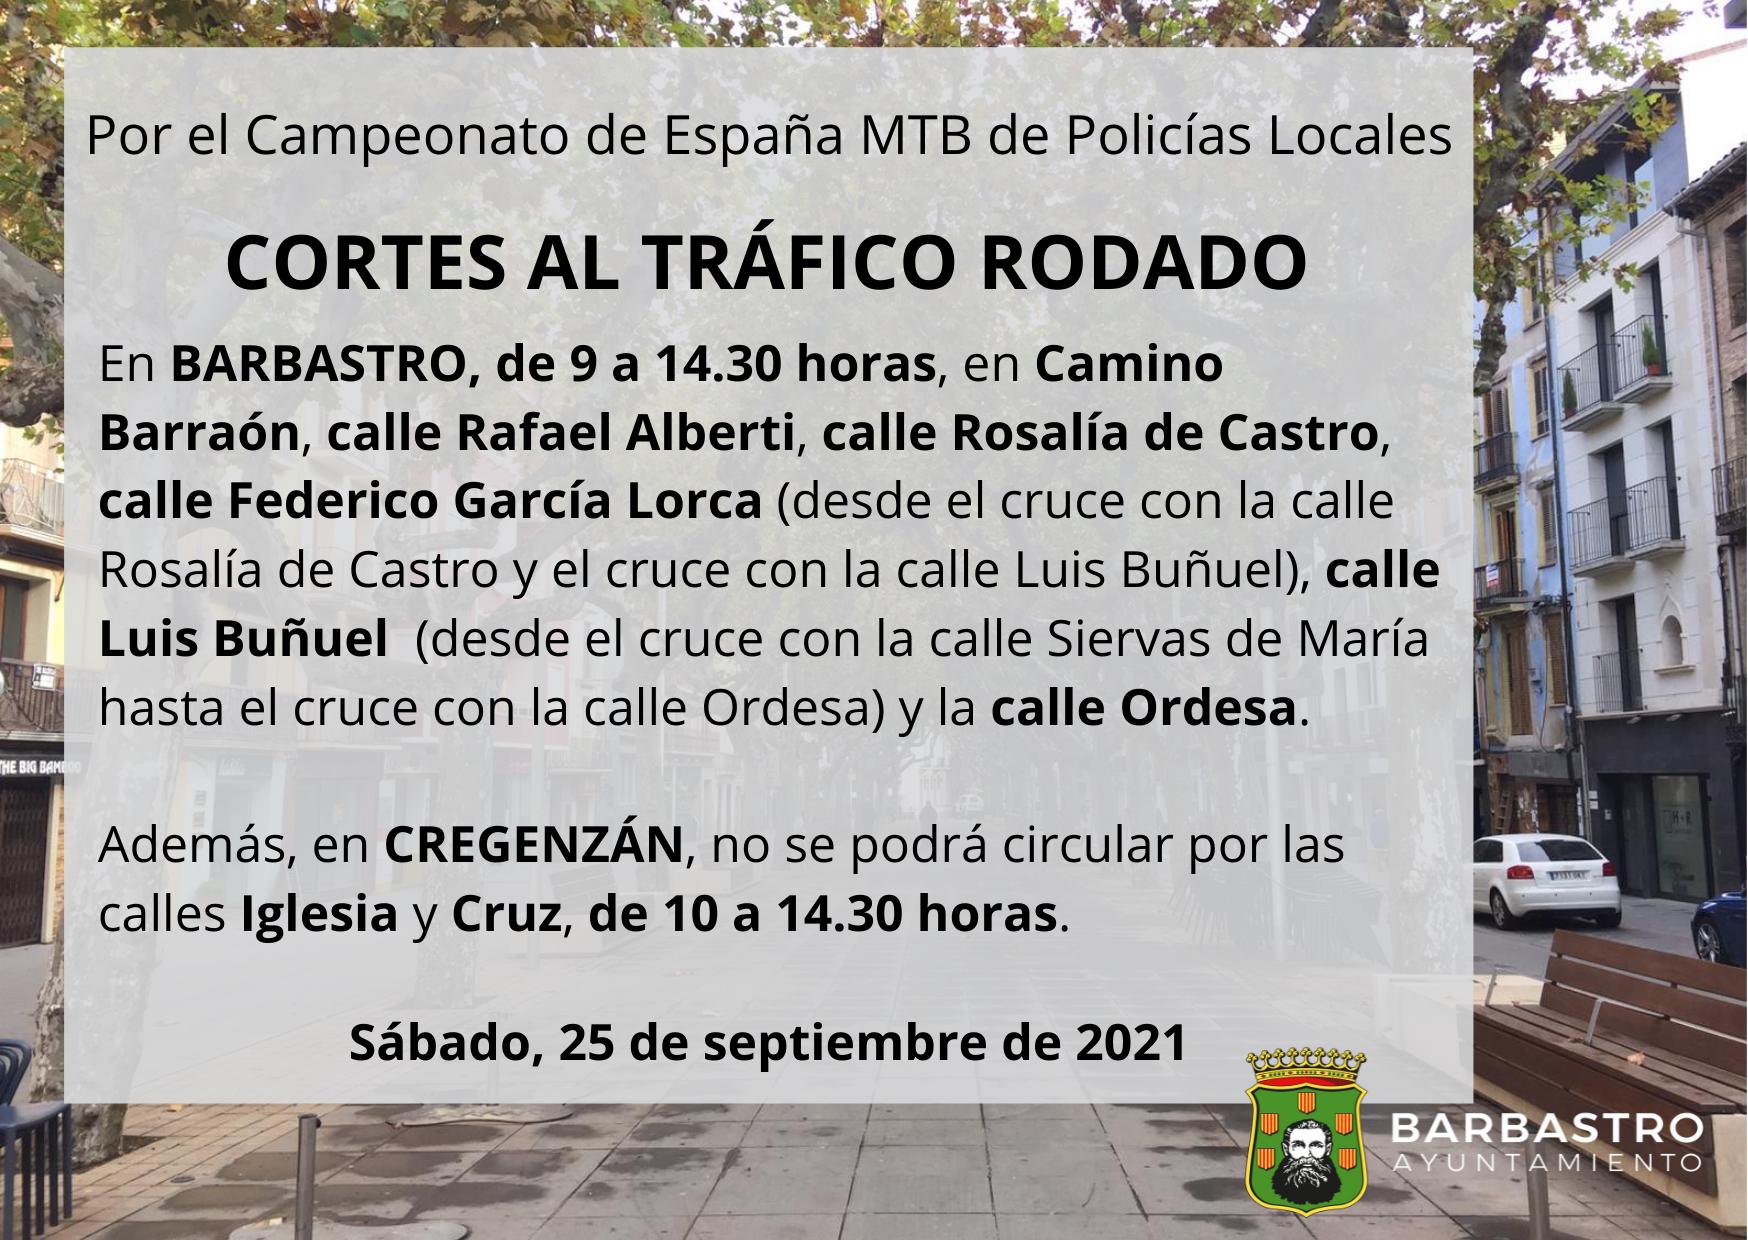 Restricciones de tráfico con motivo del Campeonato de España MTB de Policías Locales